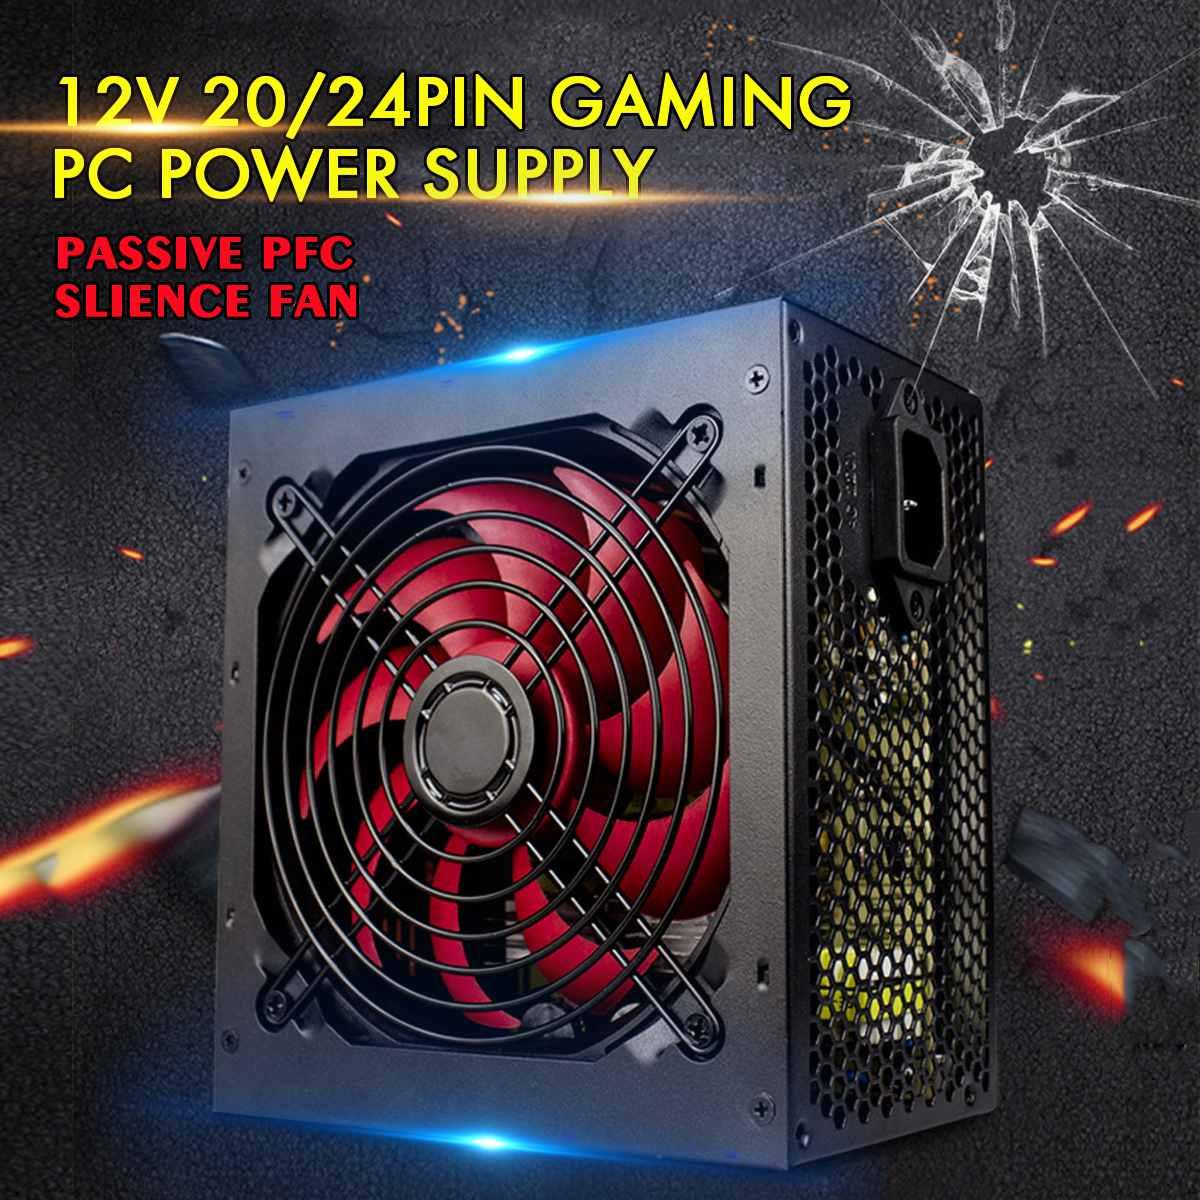 Max 650 w fonte de alimentação passiva pfc silencioso ventilador atx 20/24pin 12 v pc computador sata gaming pc fonte de alimentação